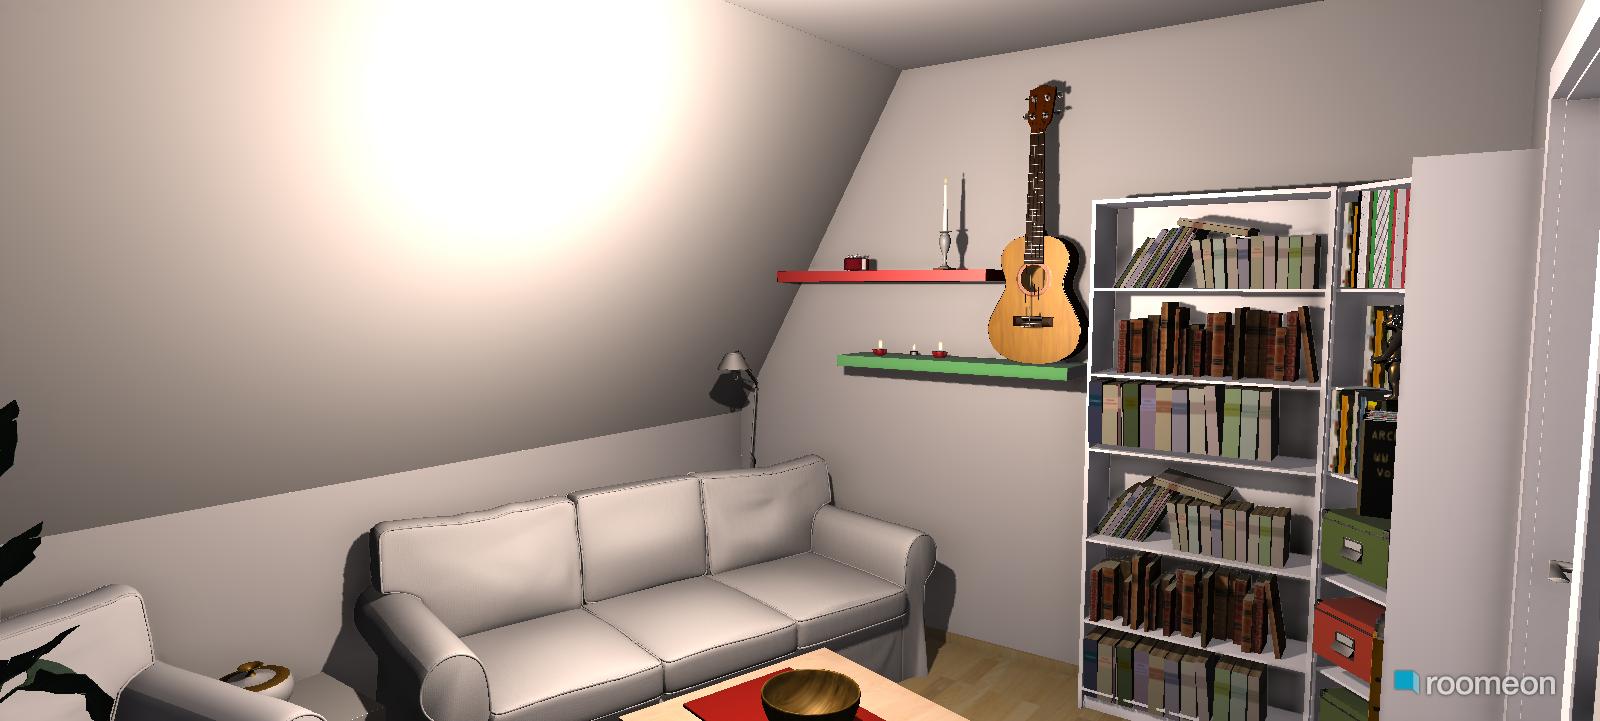 raumgestaltung wohnzimmer jtleigh hausgestaltung ideen - Raumgestaltung Wohnzimmer